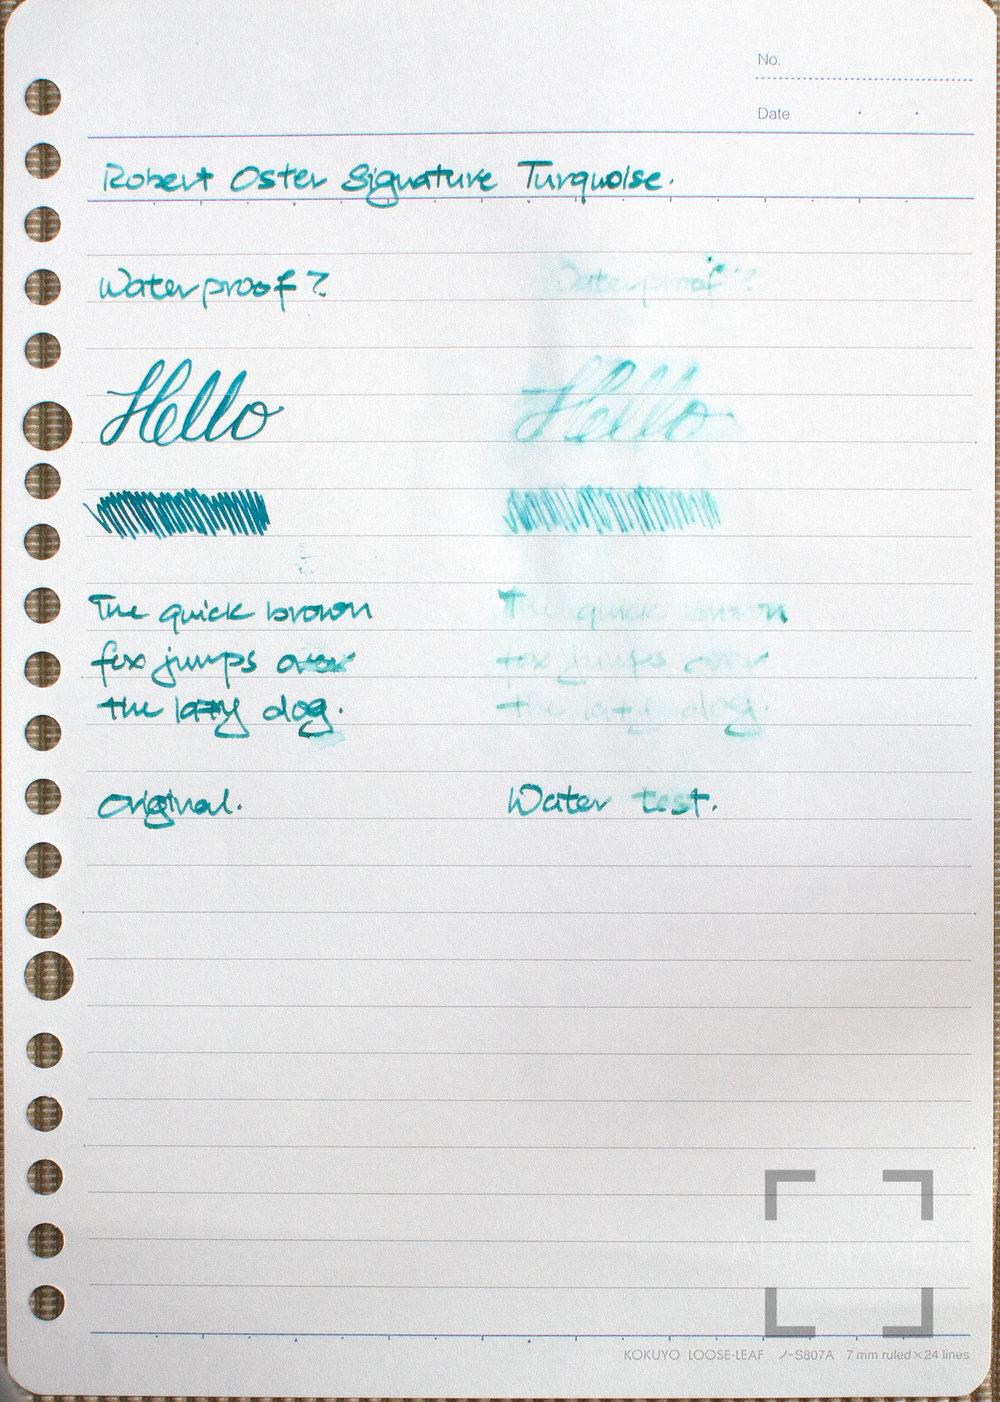 Robert Oster Turquoise-3.jpg